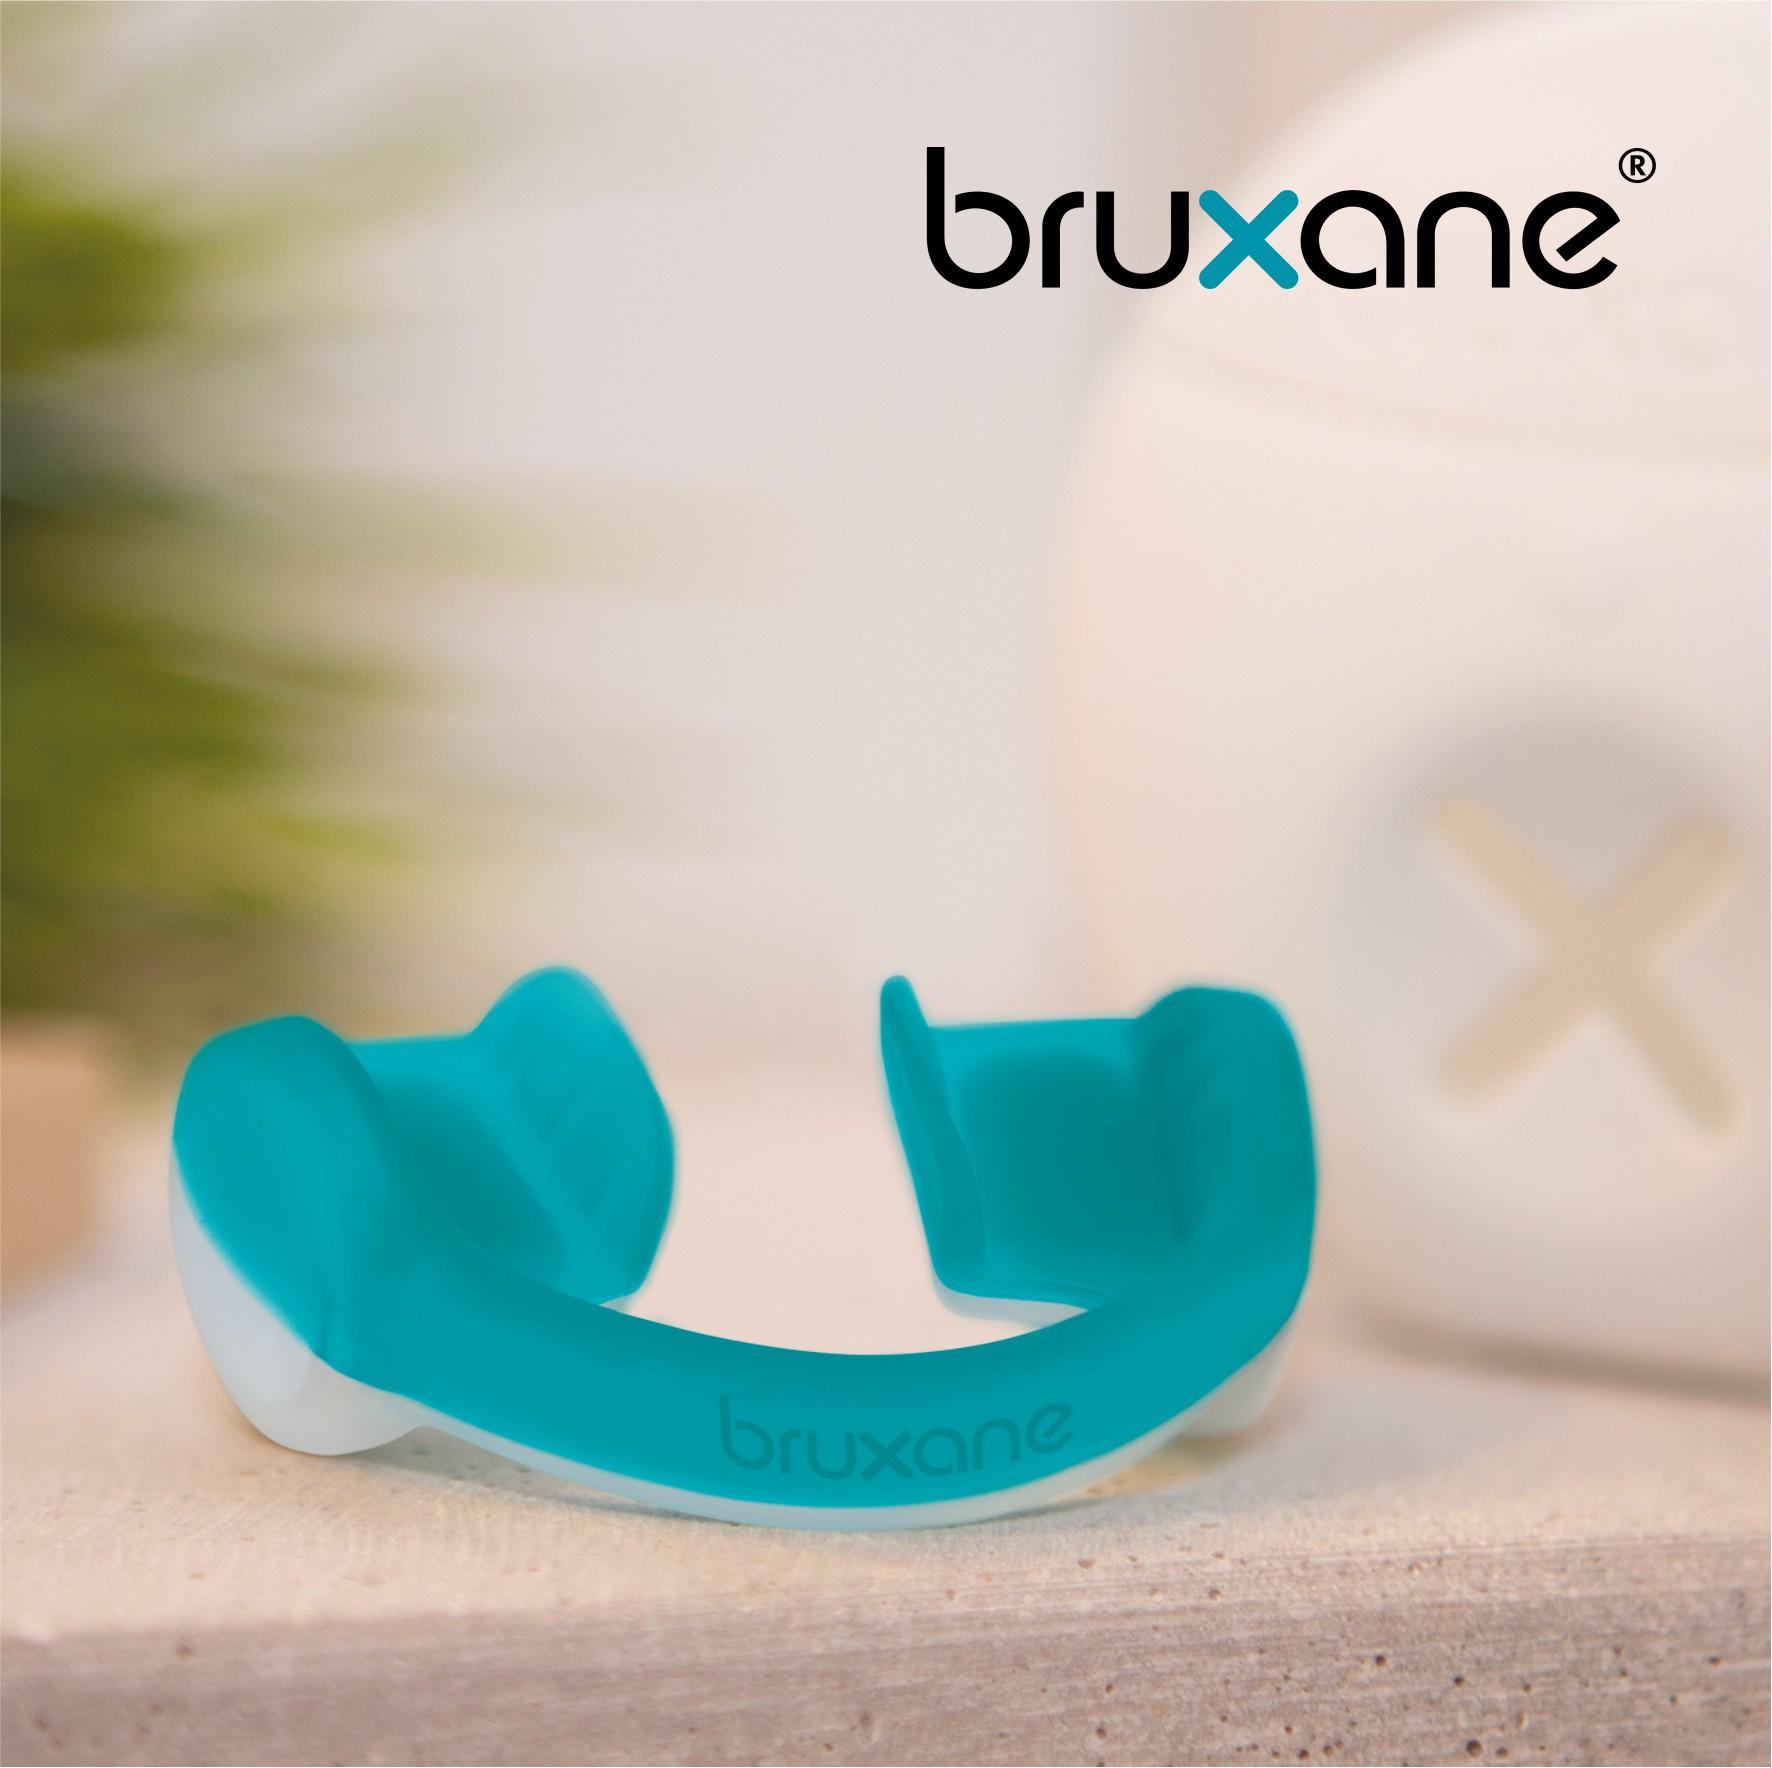 bruXane - die intelligente Zahnschiene